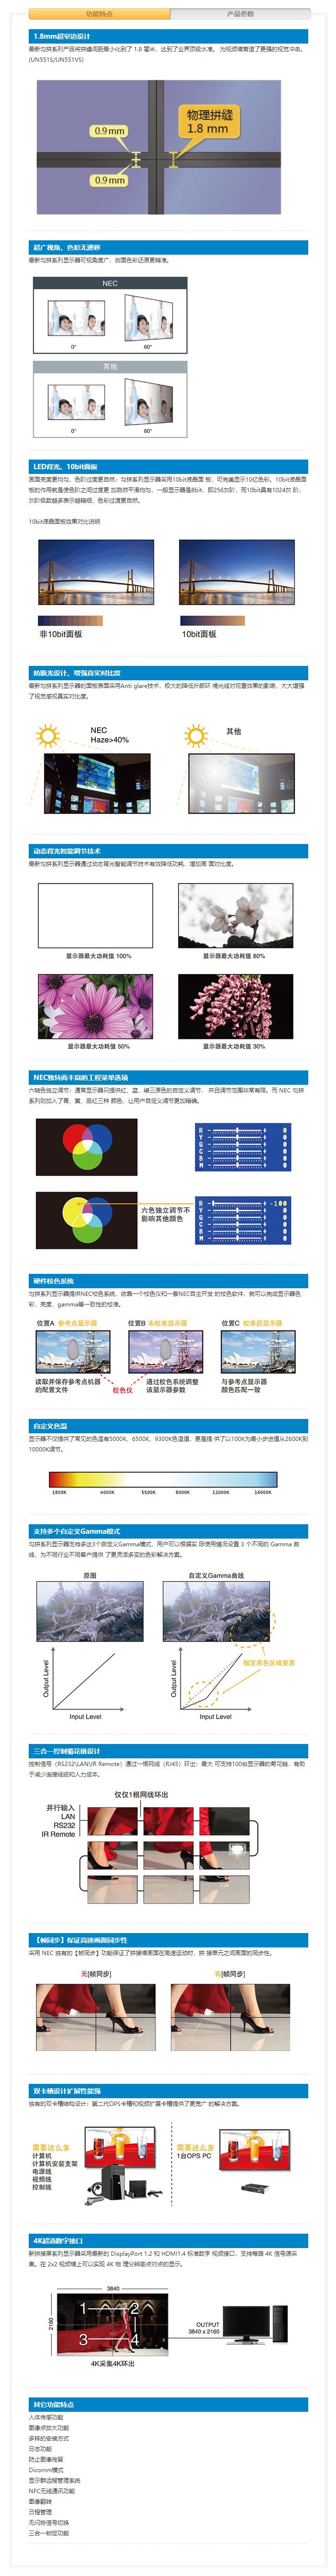 NEC显示器_产品_UN551S